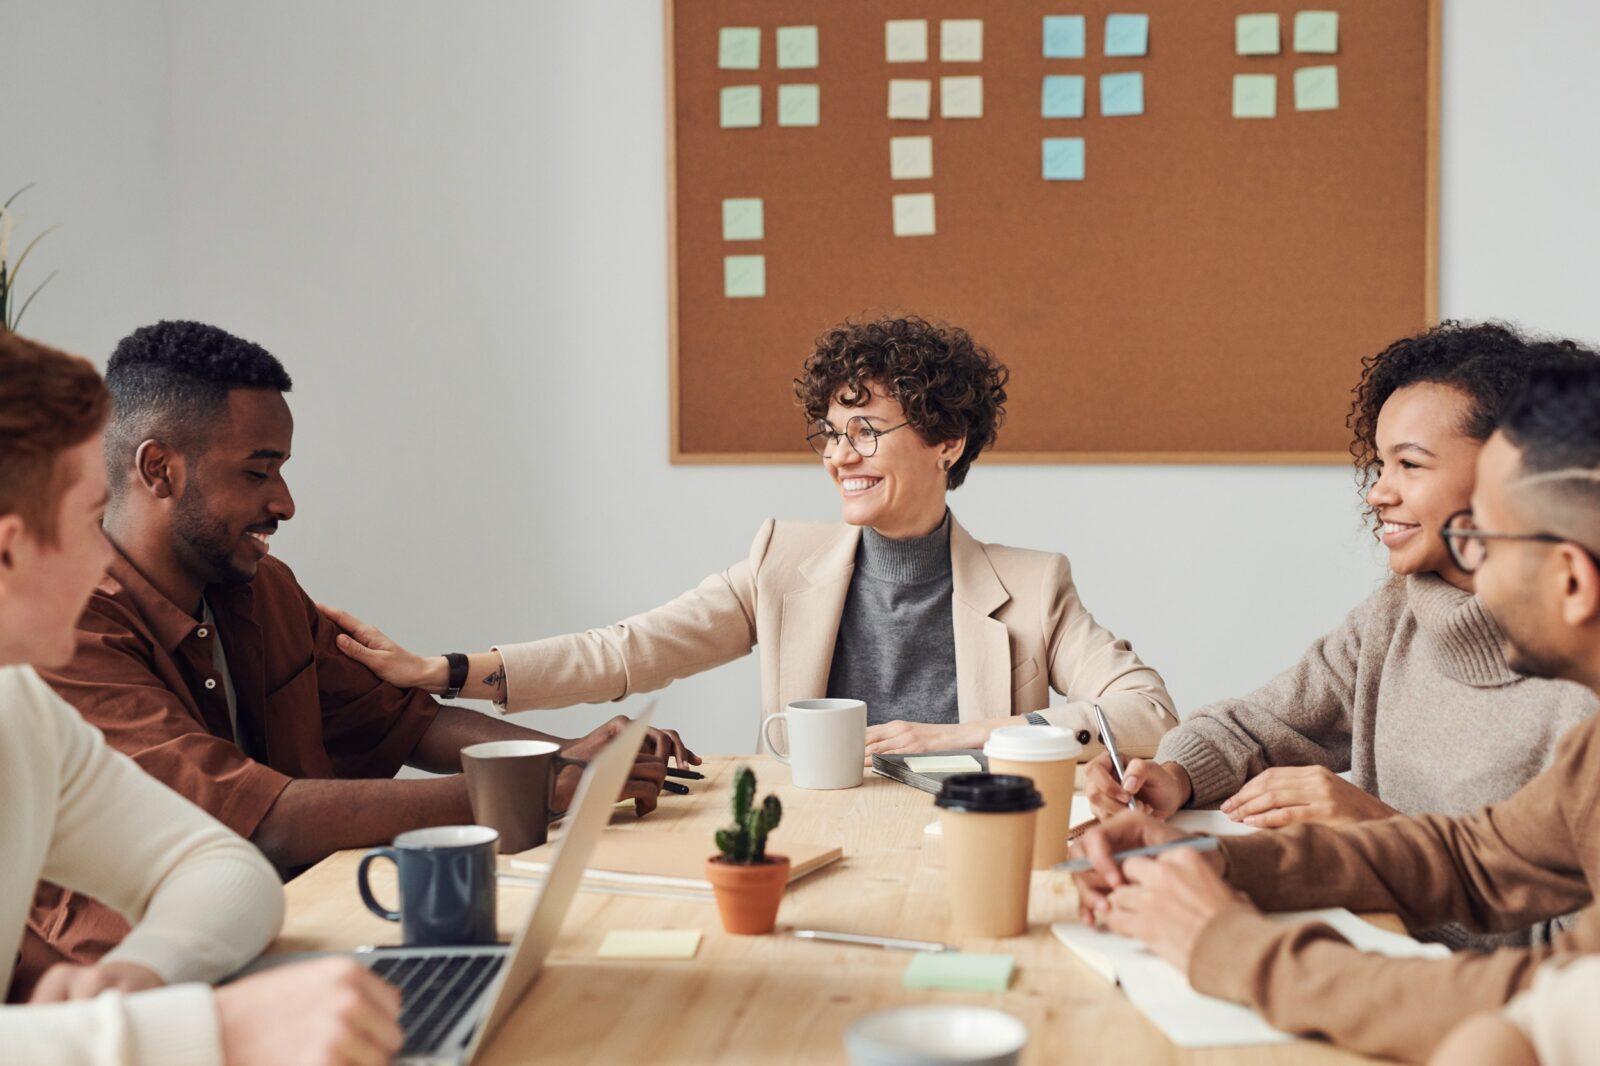 seguro de vida em grupo e o seguro de vida empresarial garantem segurança de colaboradores